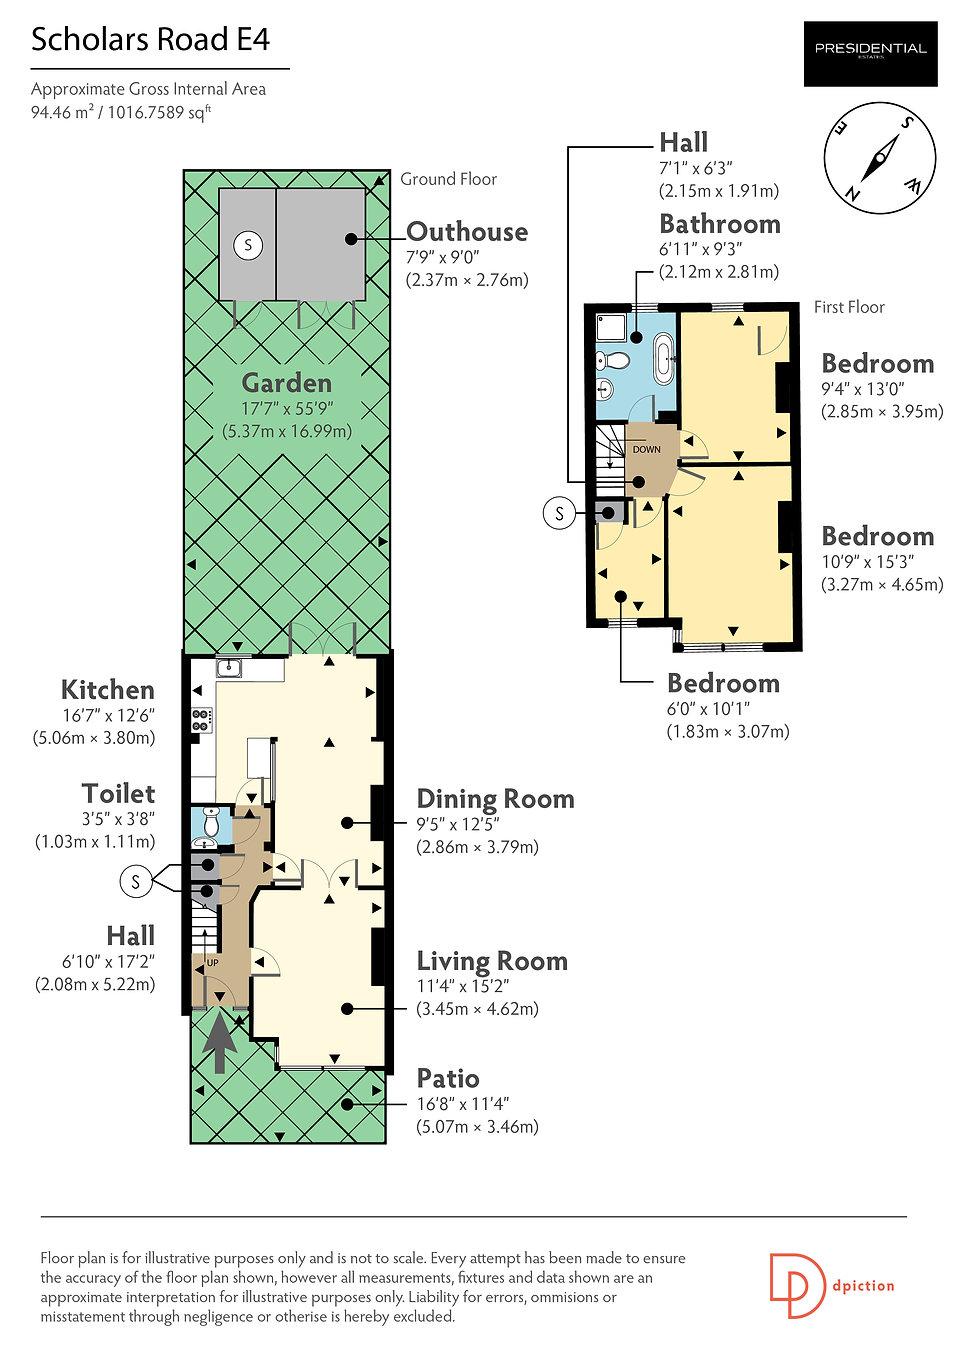 Scholars Road Floor Plan E4.jpg